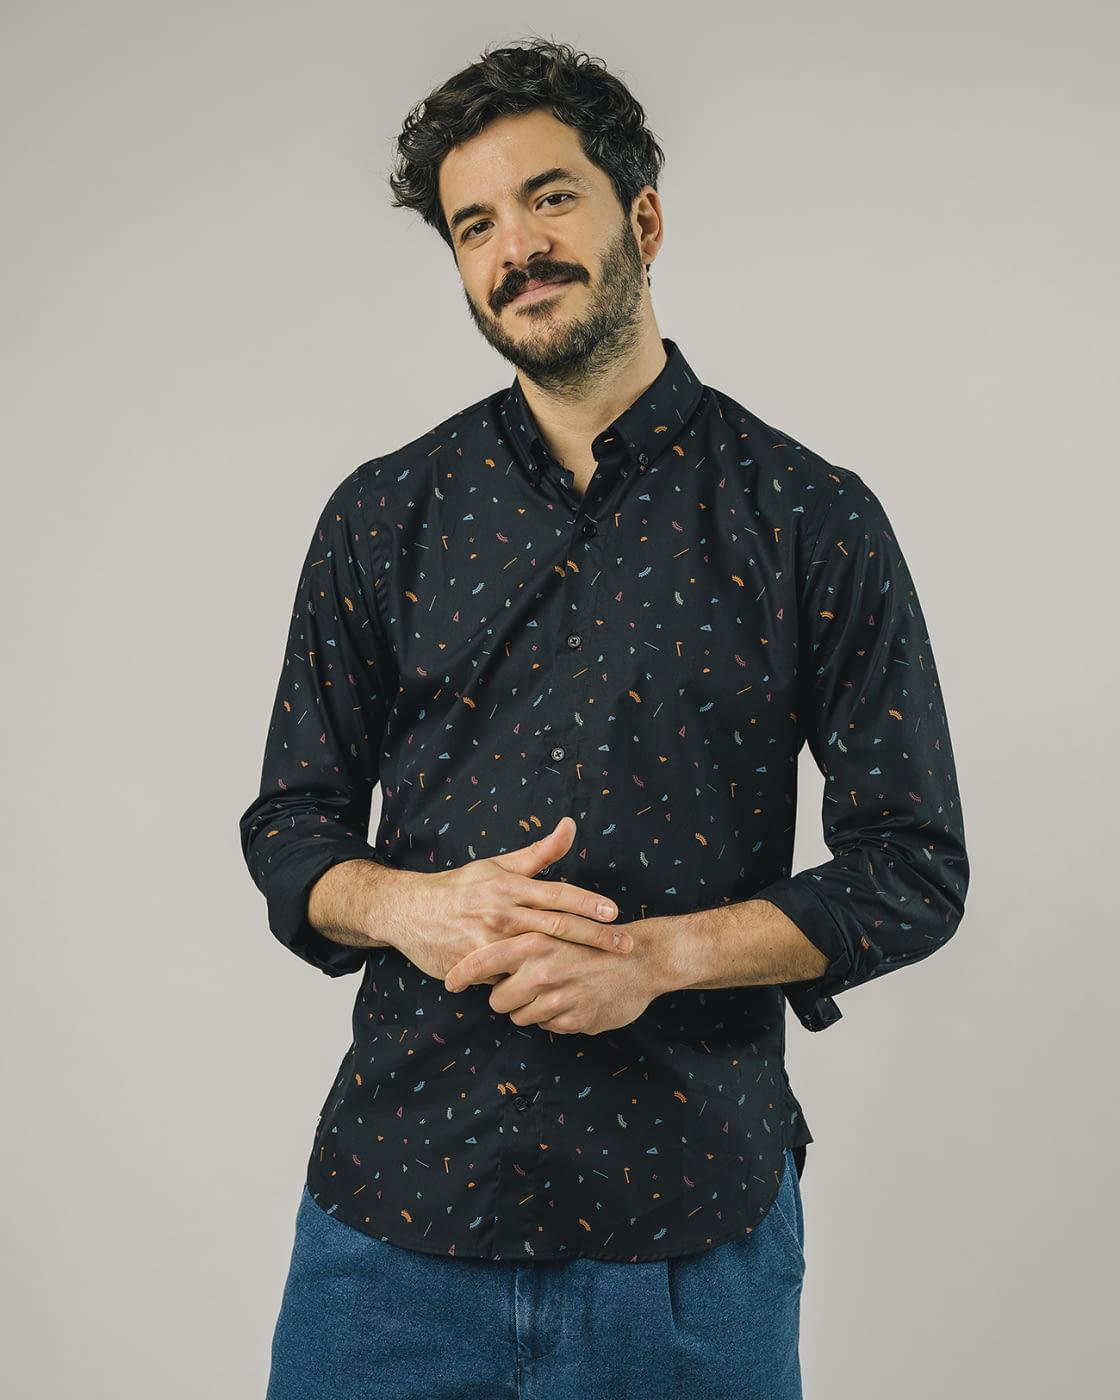 BRAVA camisa manga larga Roller